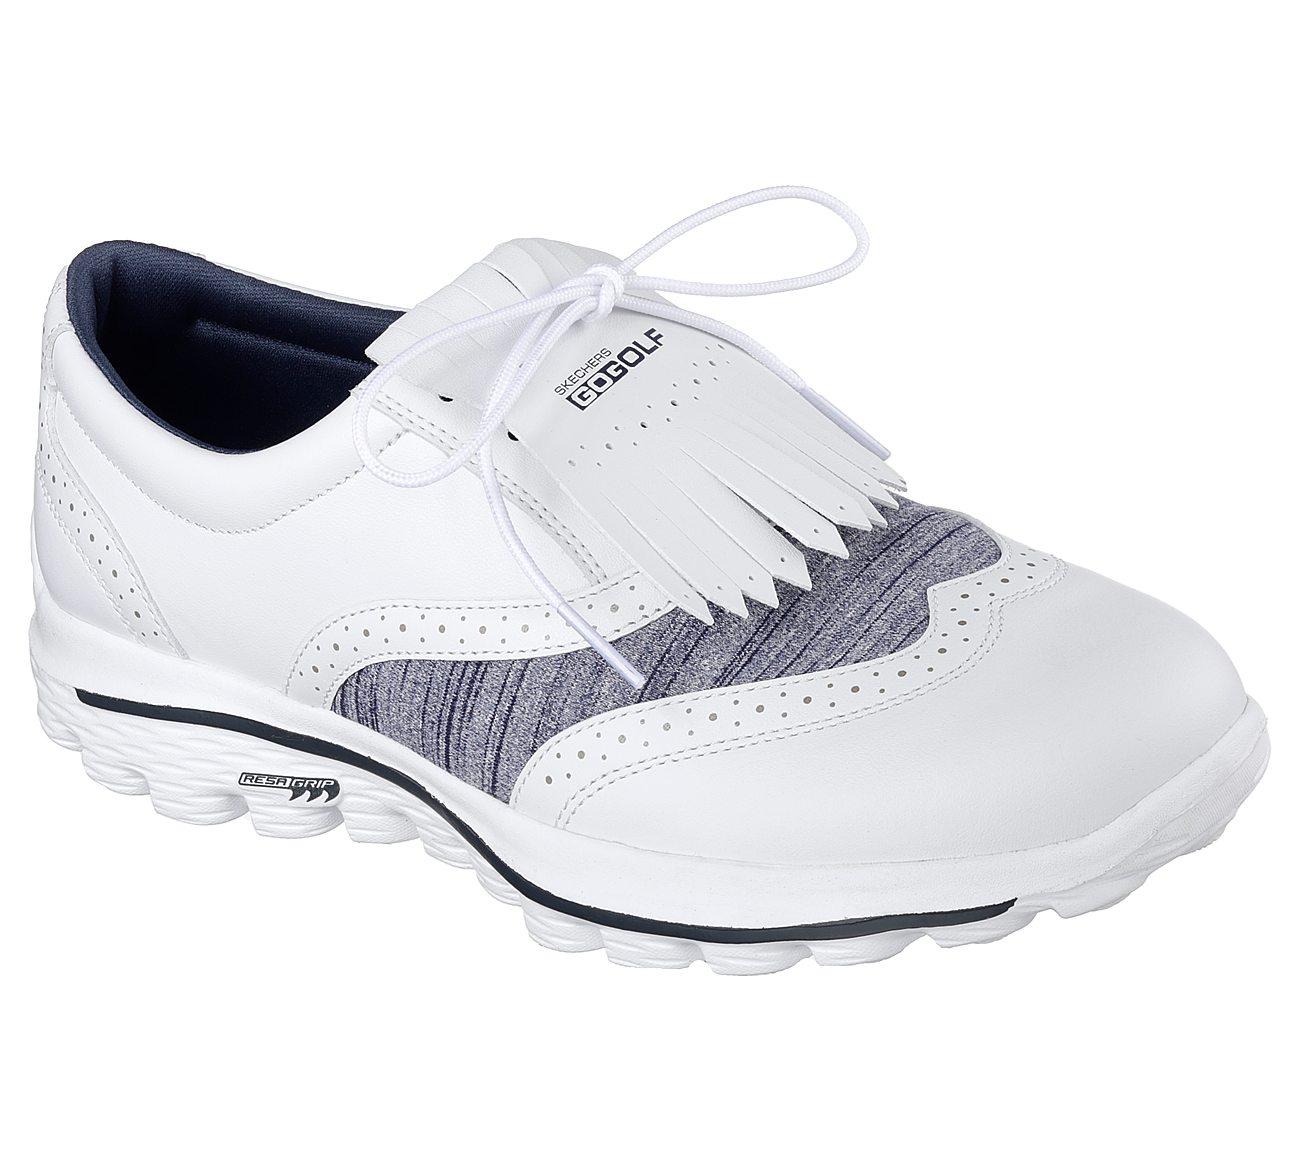 fd74aac9916fb8 Buy SKECHERS Skechers GO GOLF Kiltie 2.0 Skechers Performance Shoes ...